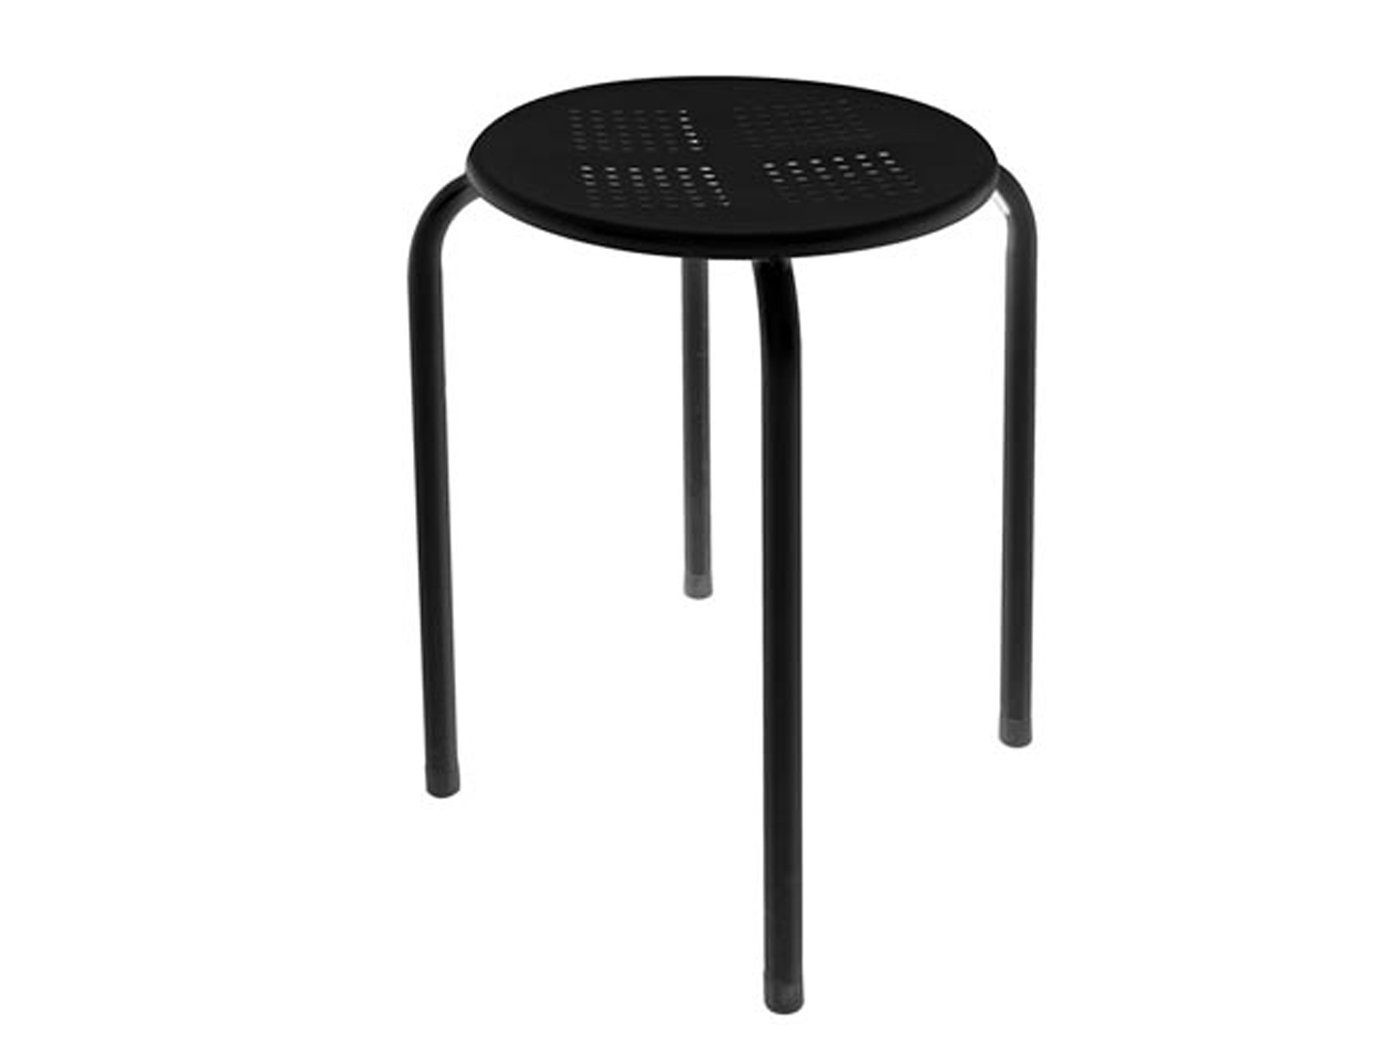 2er Set Robuster und stabiler Hocker aus pulverbeschichtetem Stahl schwarz